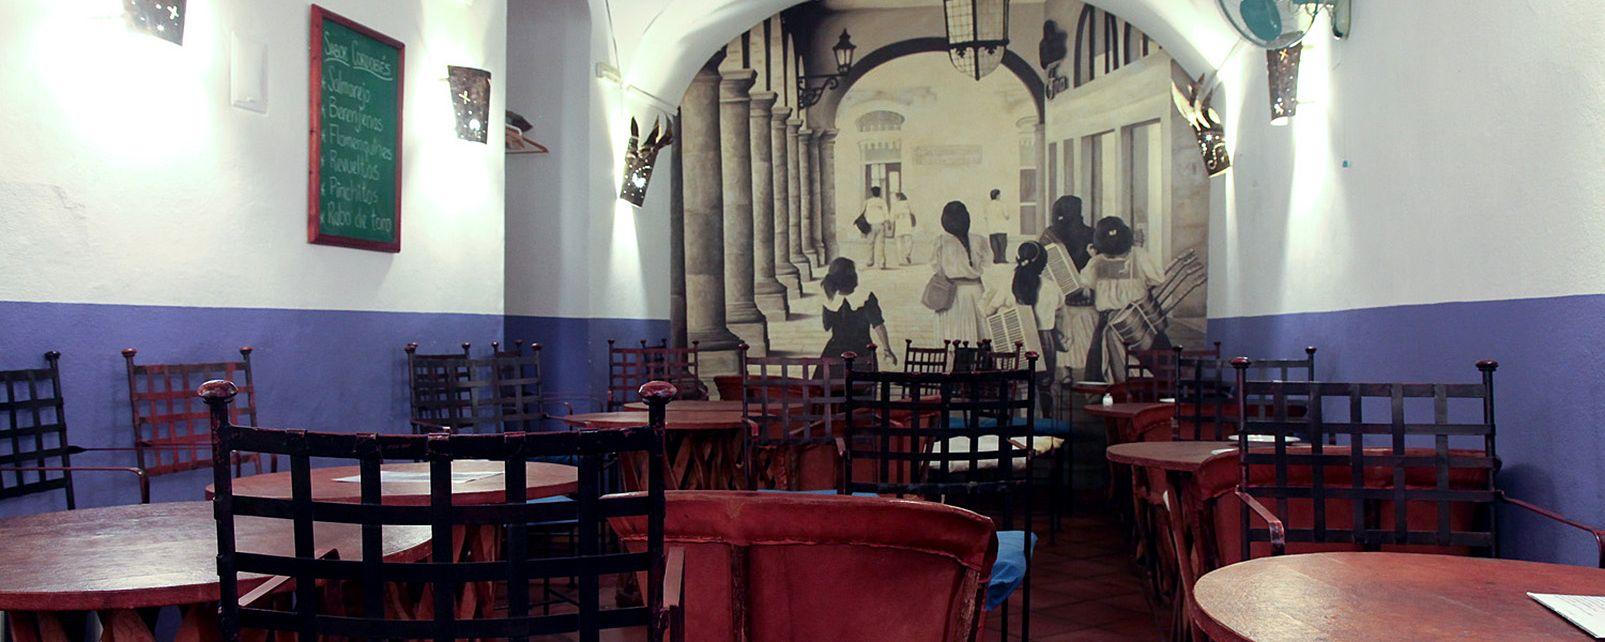 Hotel casa de los azulejos for Hotel casa de los azulejos cordoba spain